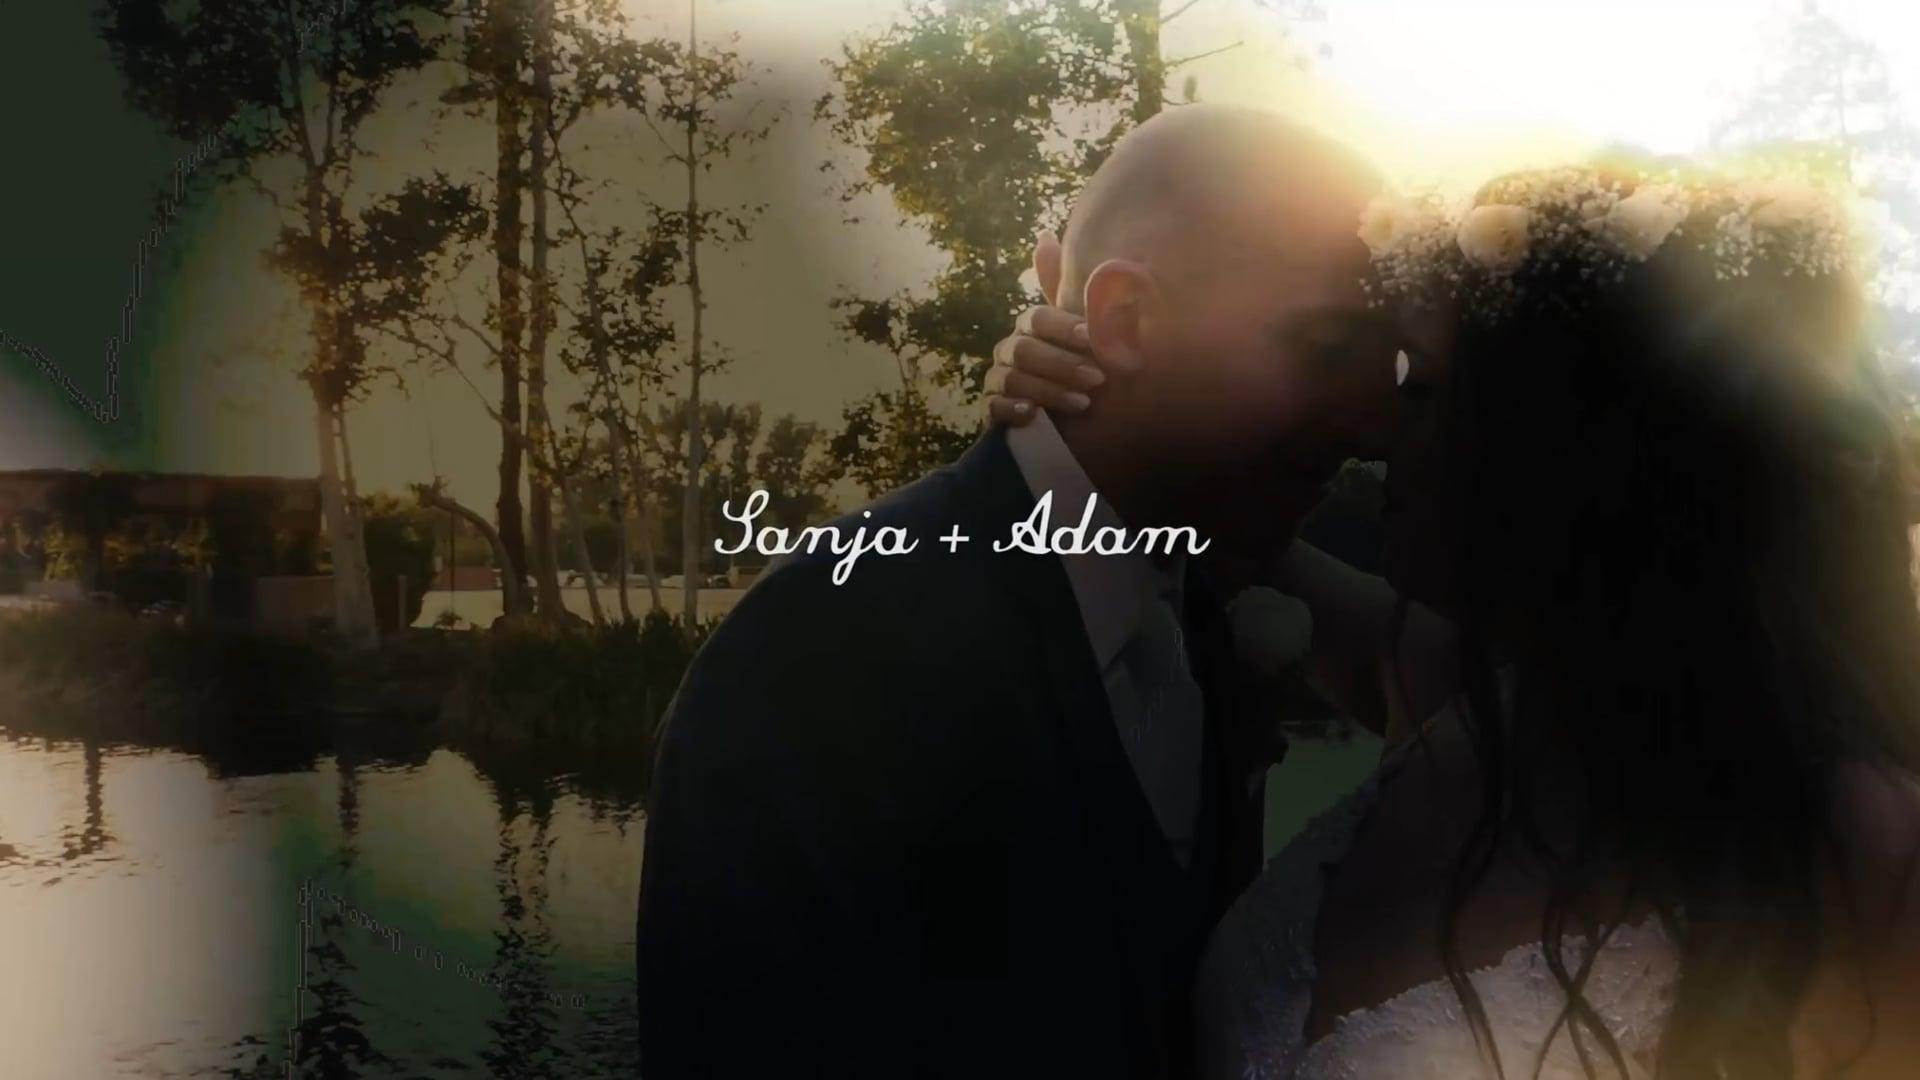 Sanja + Adam Featurette Film